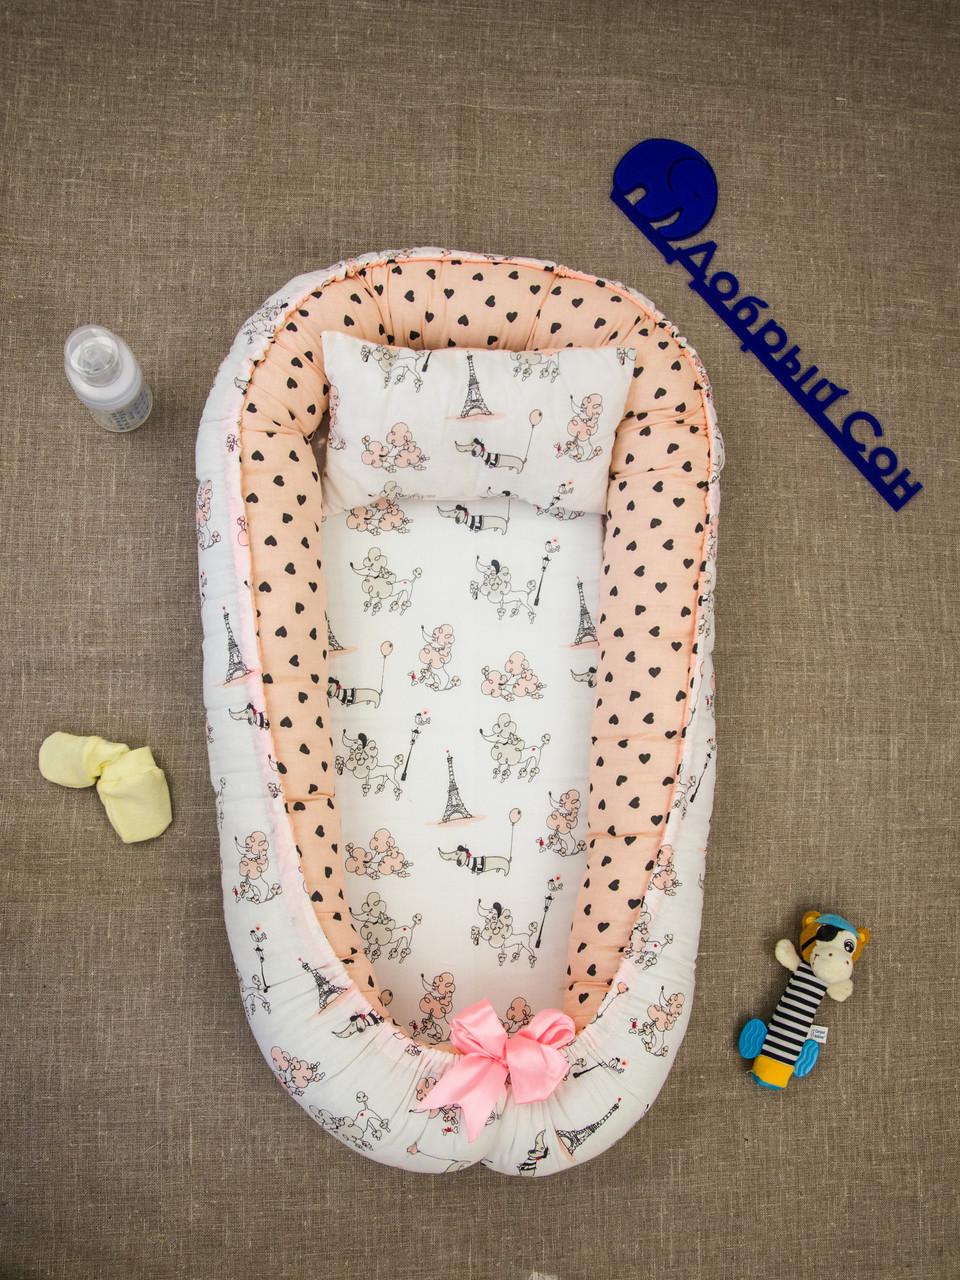 Гнездо для новорожденных Добрый Сон 85*52 см бело-персиковый, 05-02